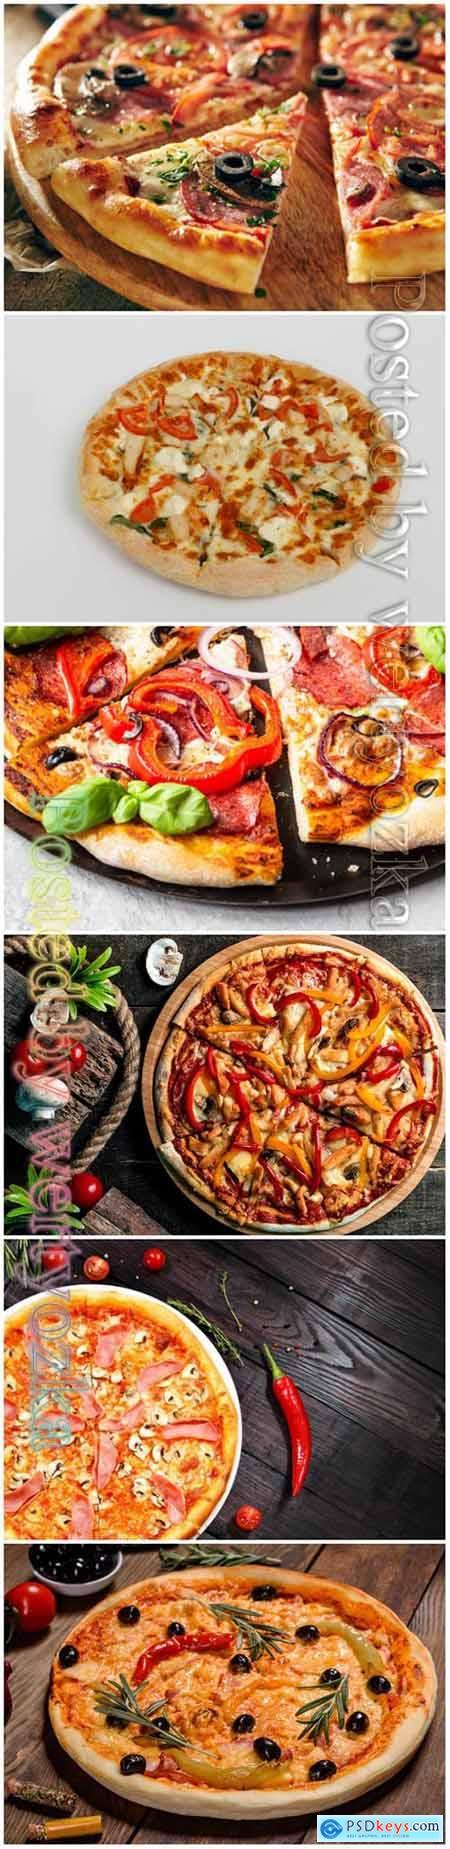 Pizza beautiful stock photo